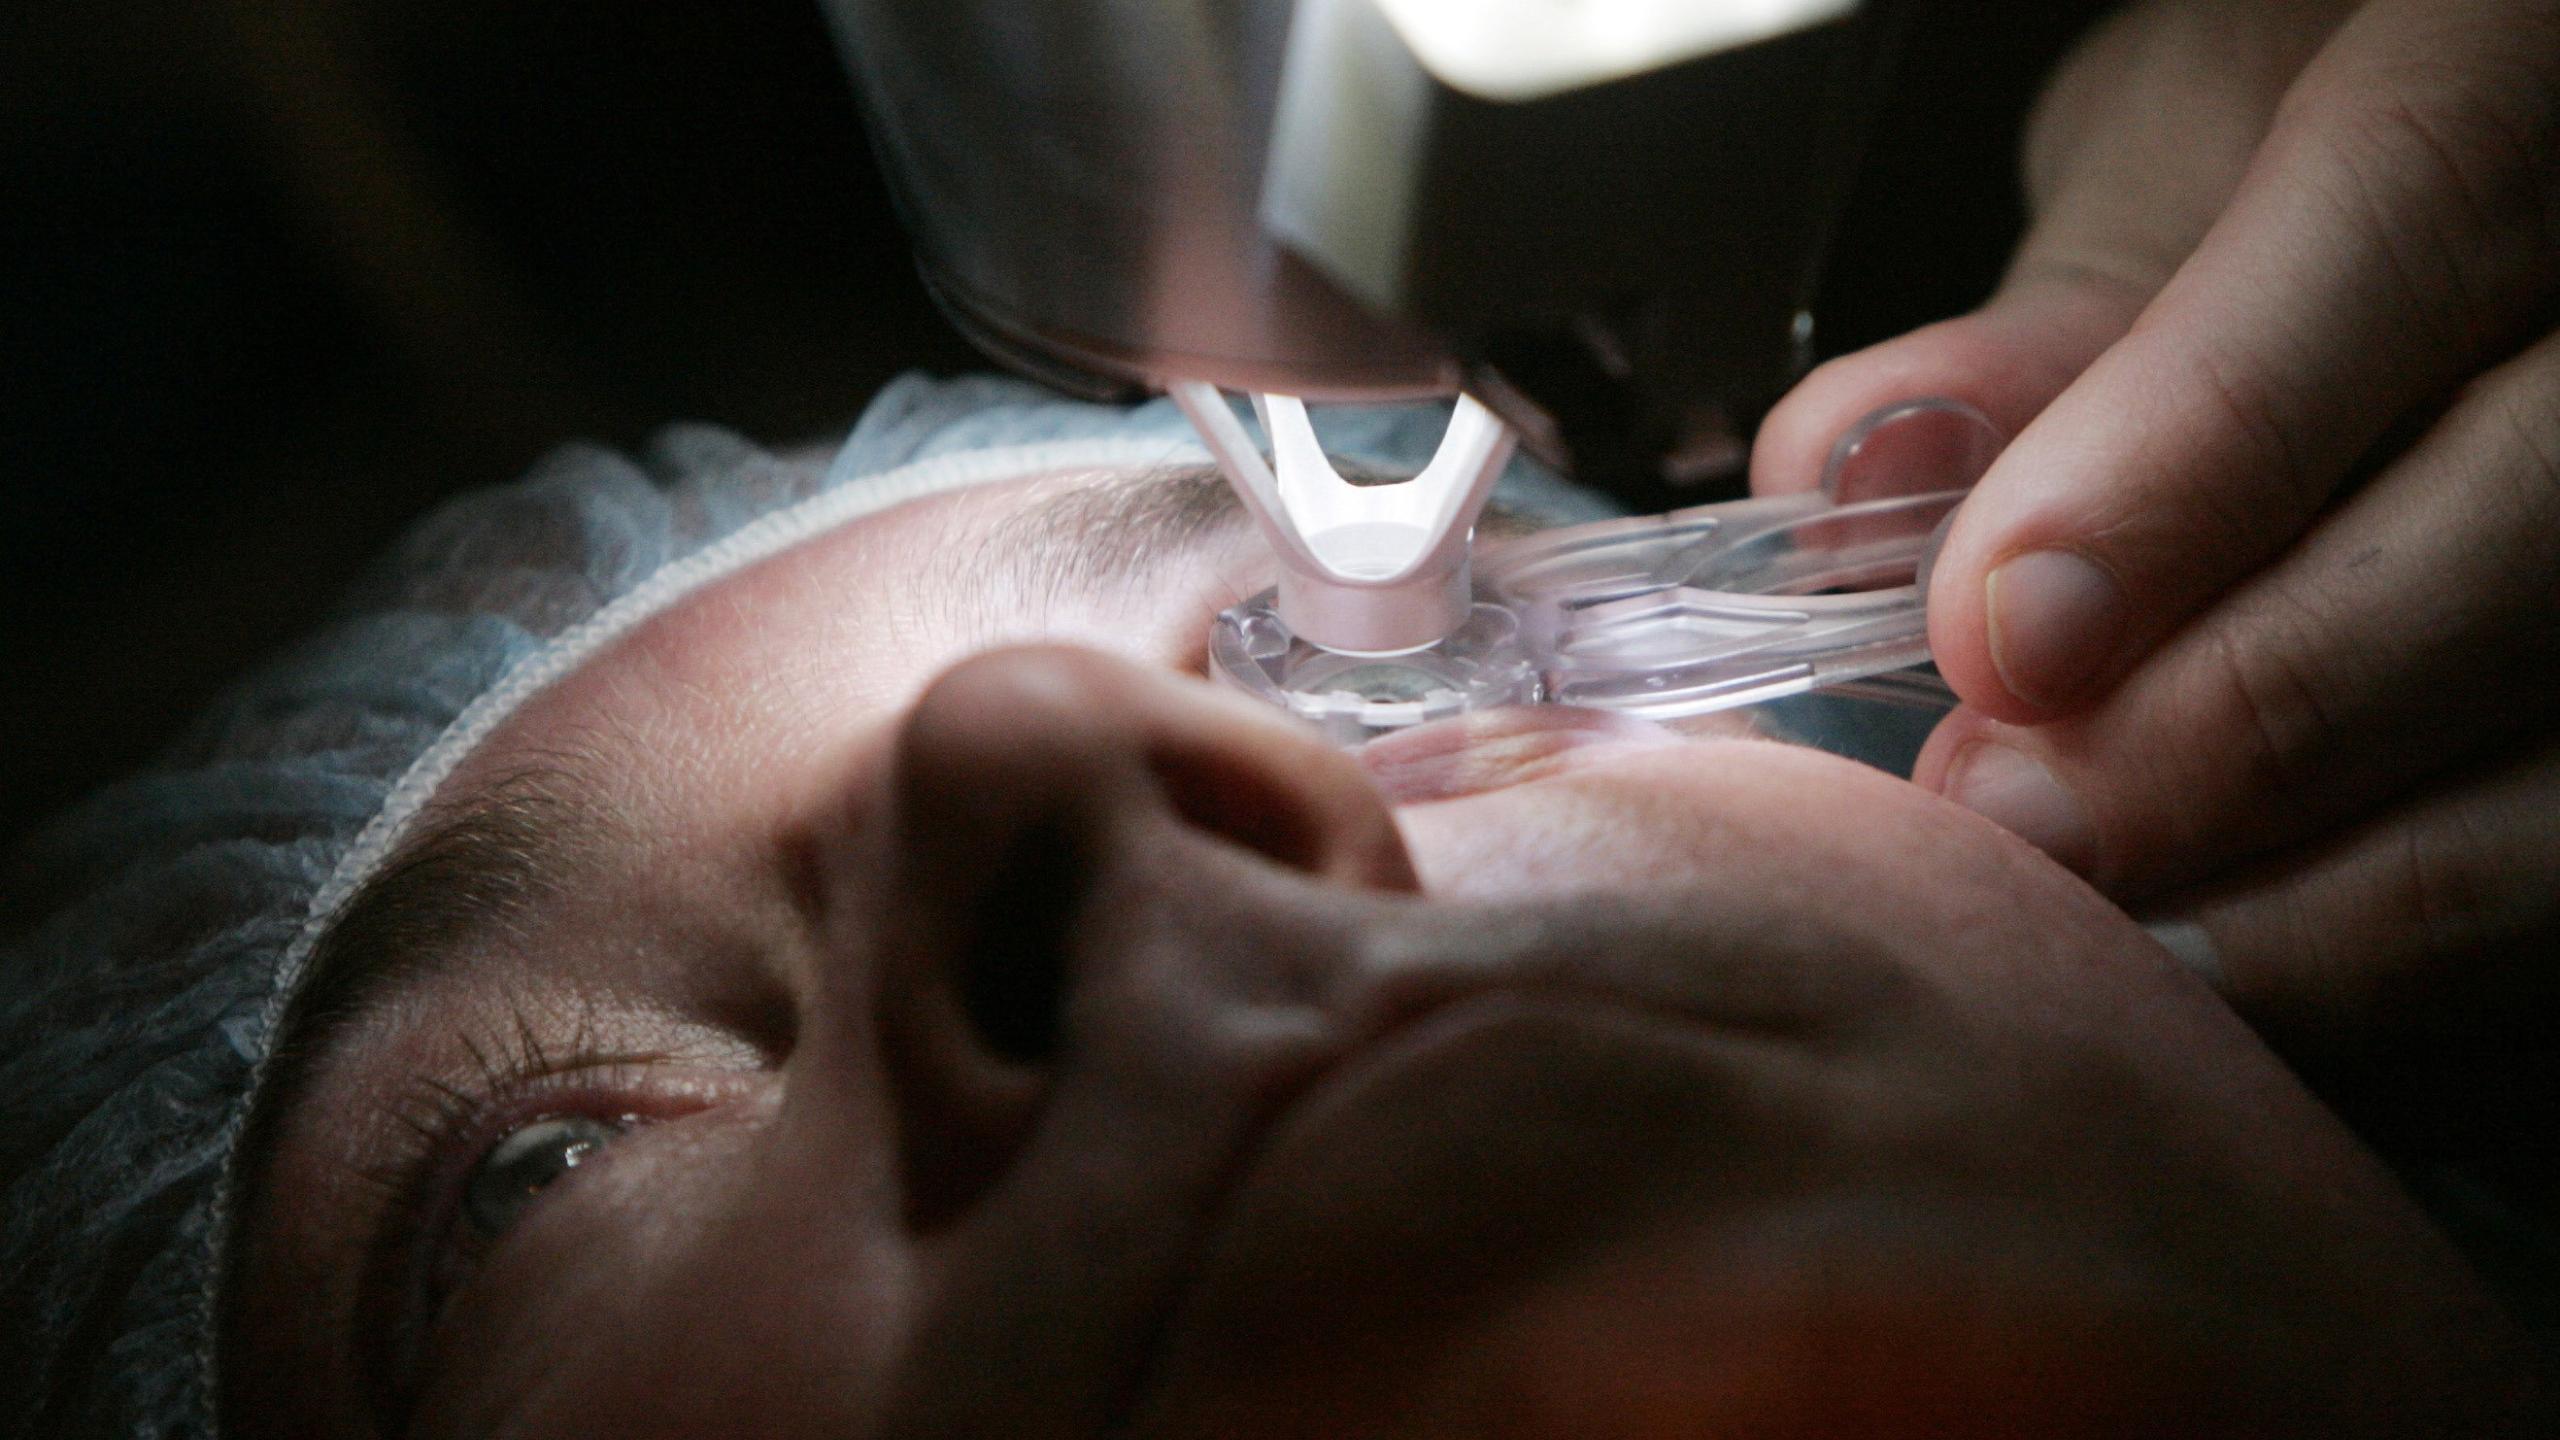 Лазерная коррекция зрения: чудо, страх и запах паленых волос